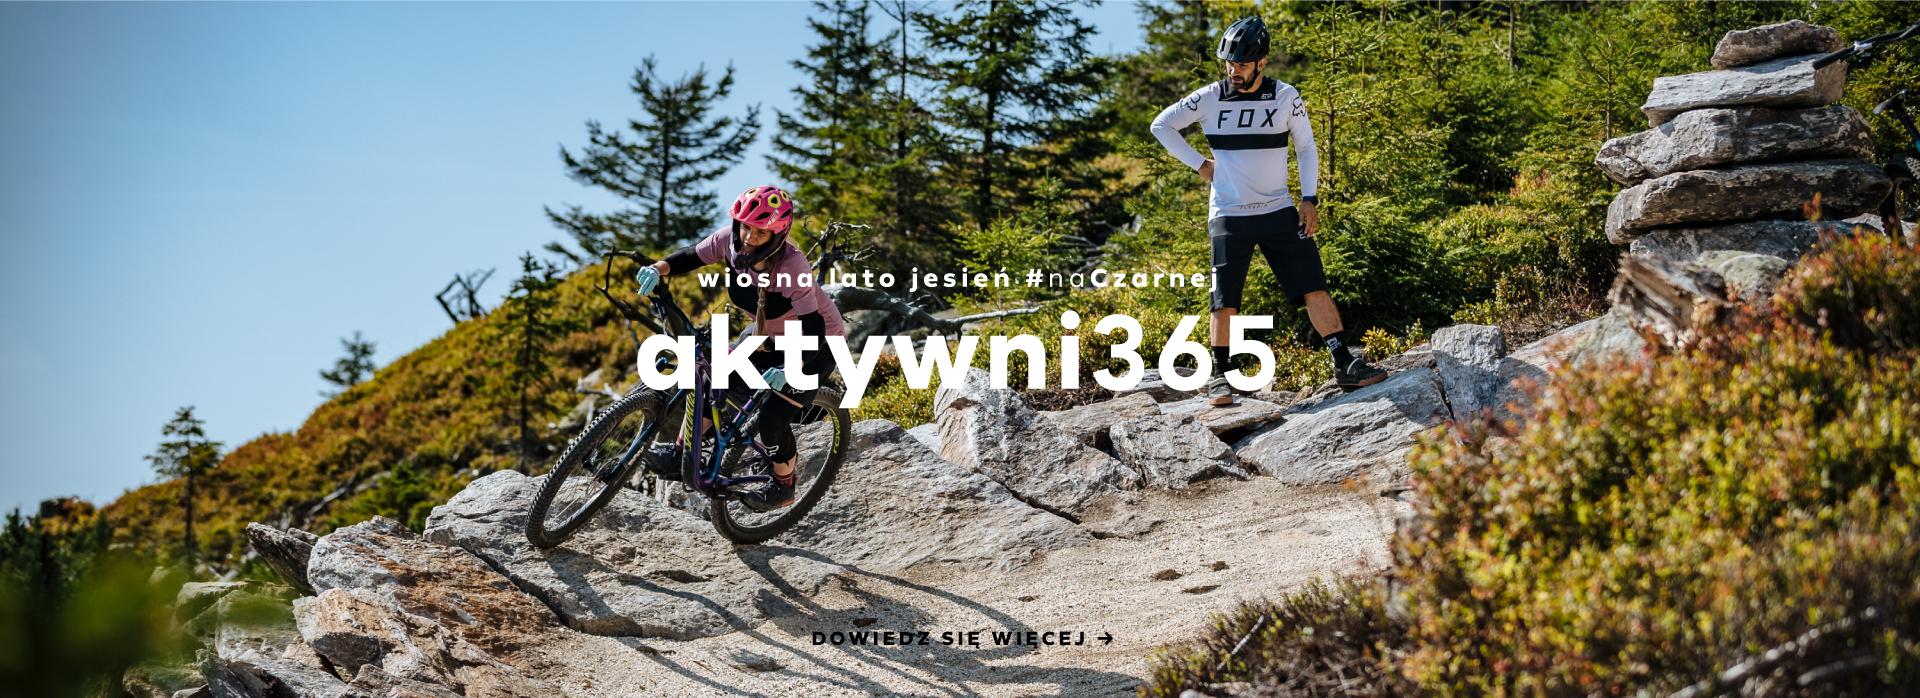 Wiosna Lato Jesień - 365 aktywnych dni w Czarna Góra Resort